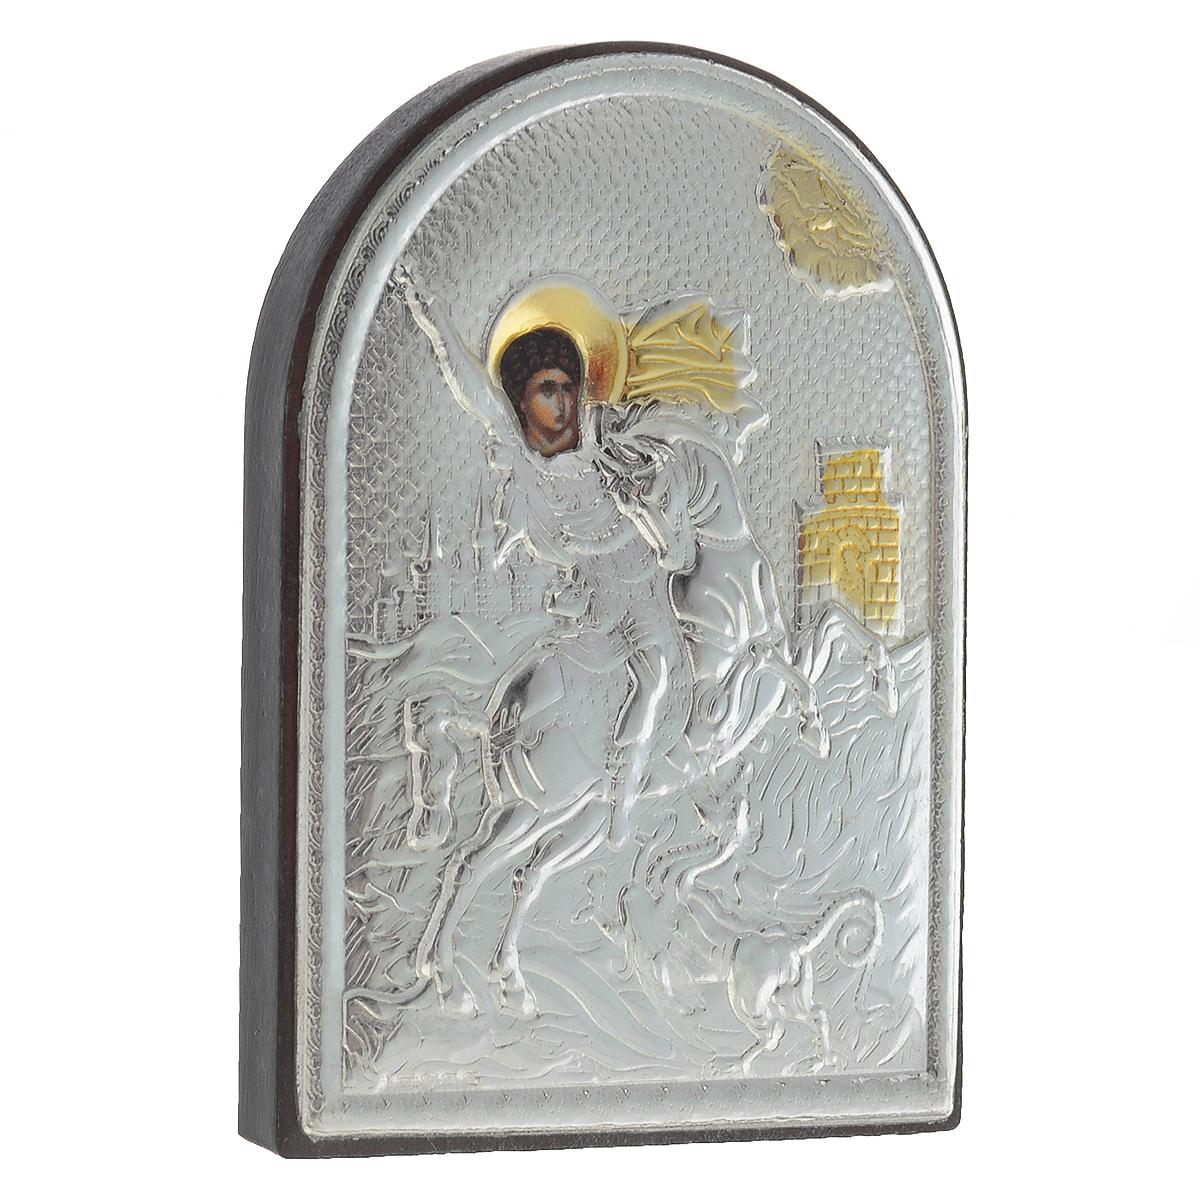 Икона Святого Георгия Победоносца, 5,5 см х 4 см